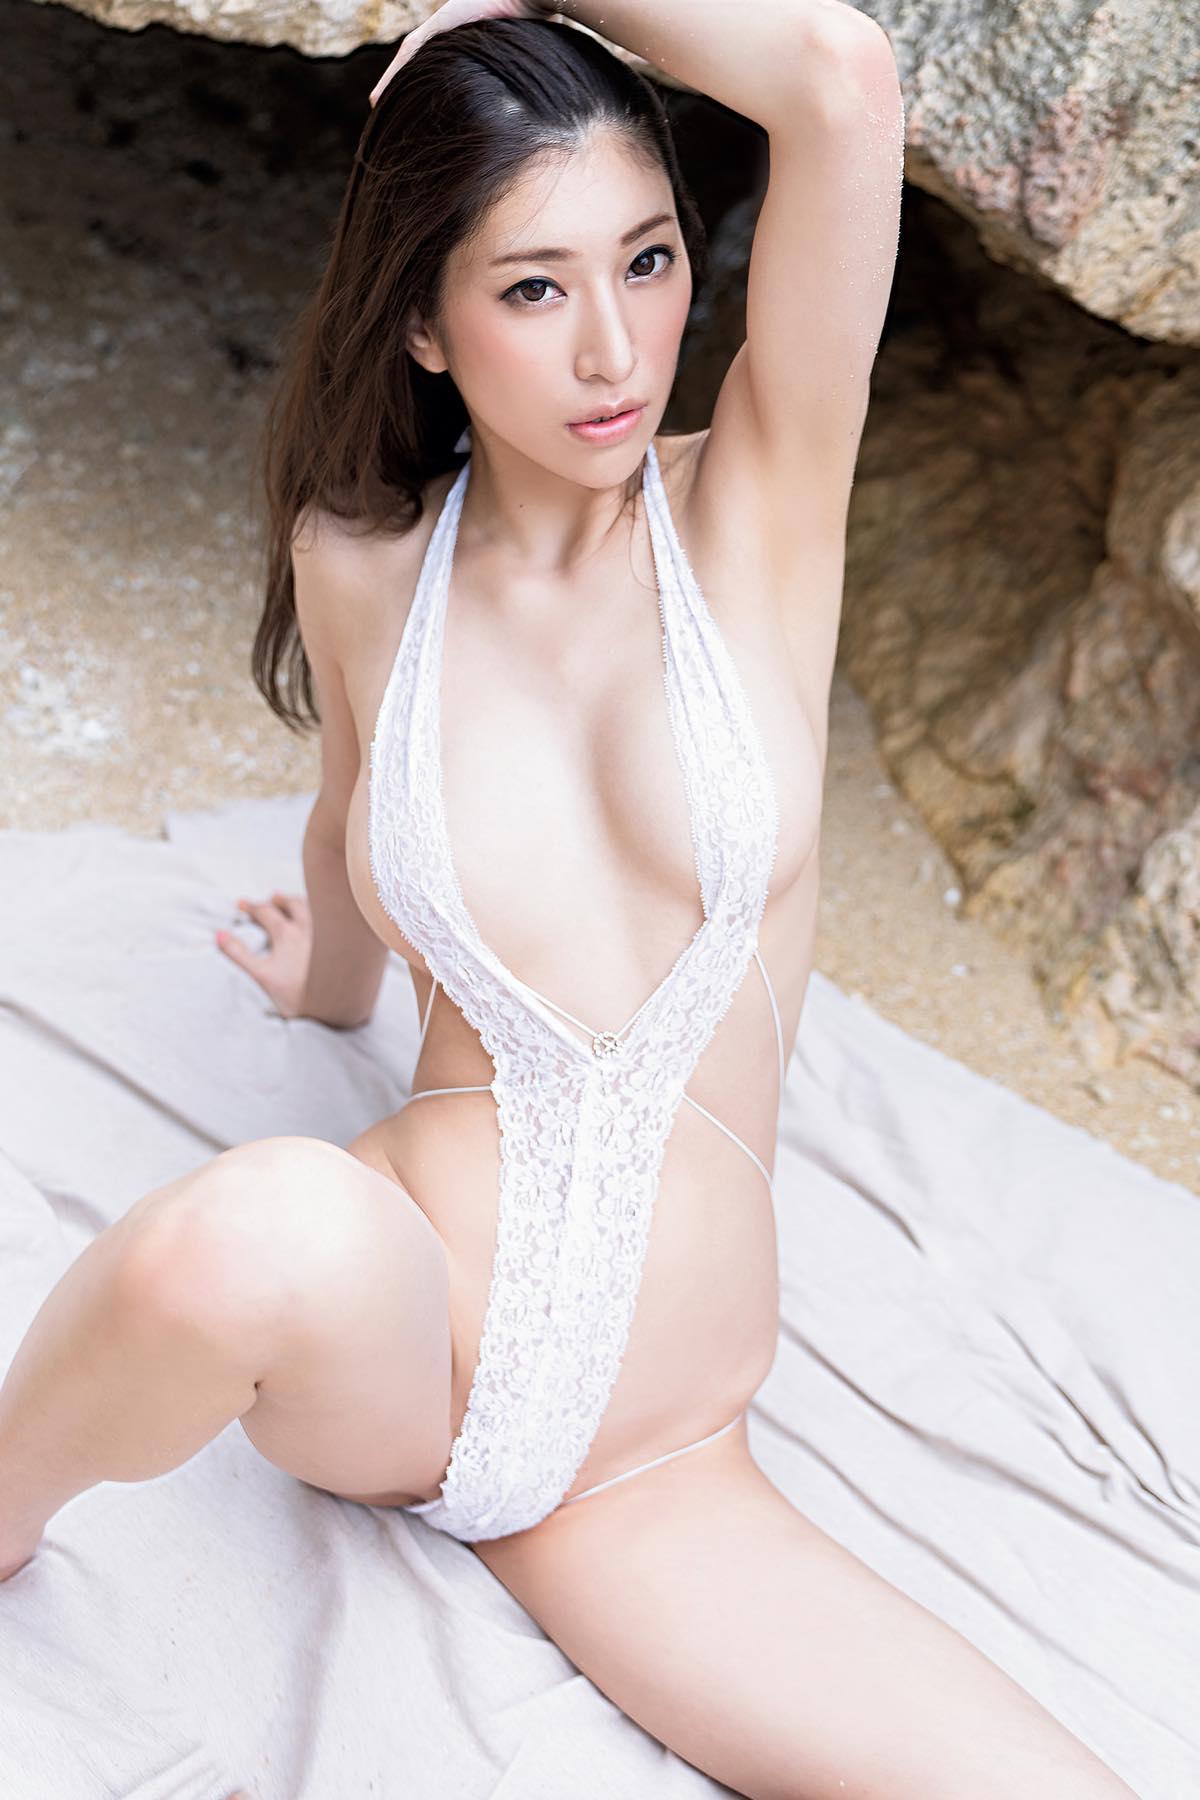 柳光「濃厚フェロモン」高身長美女が堂々デビュー【写真9枚】の画像008